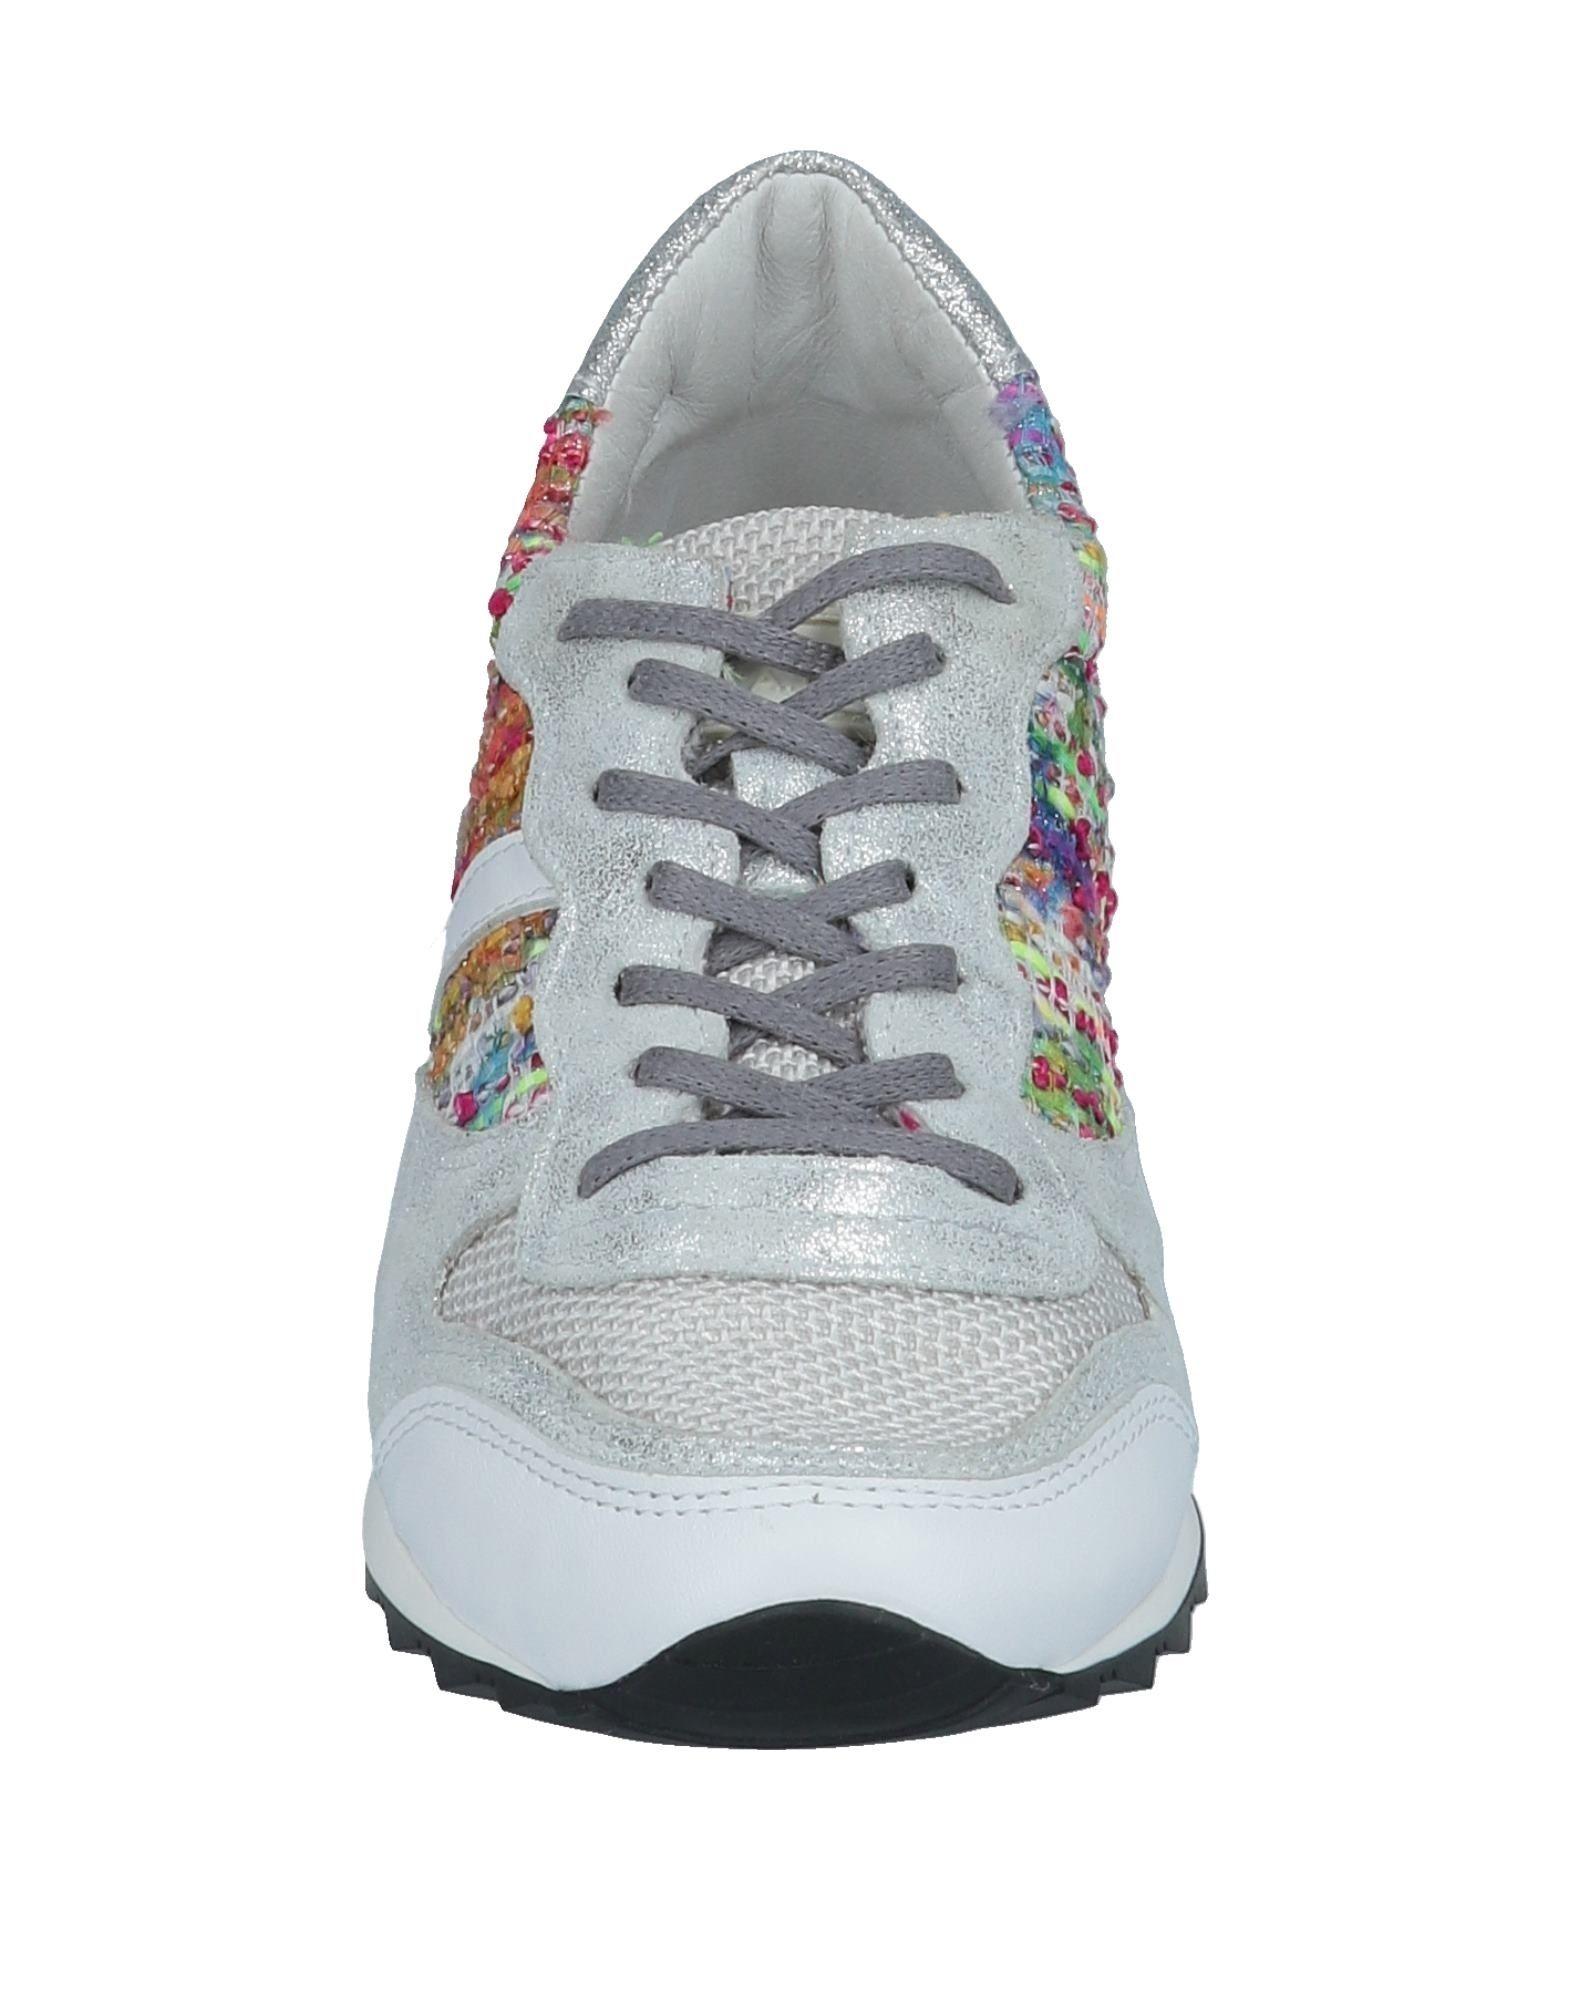 Gut um billige Damen Schuhe zu tragenD.A.T.E. Sneakers Damen billige  11554482KE 280b4b